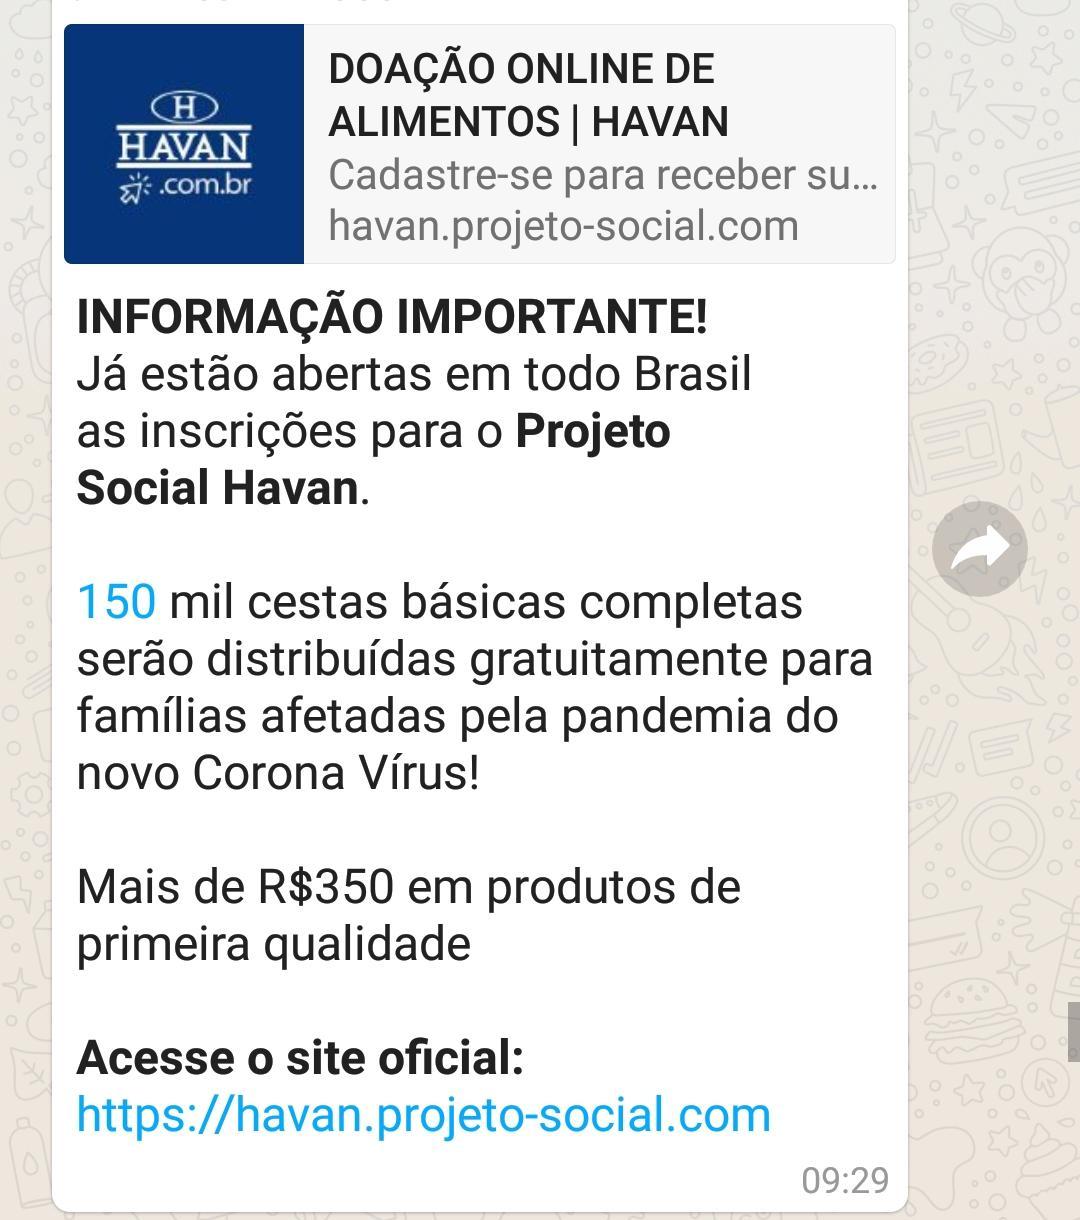 Lojas Havan Não estão distribuindo cestas básicas